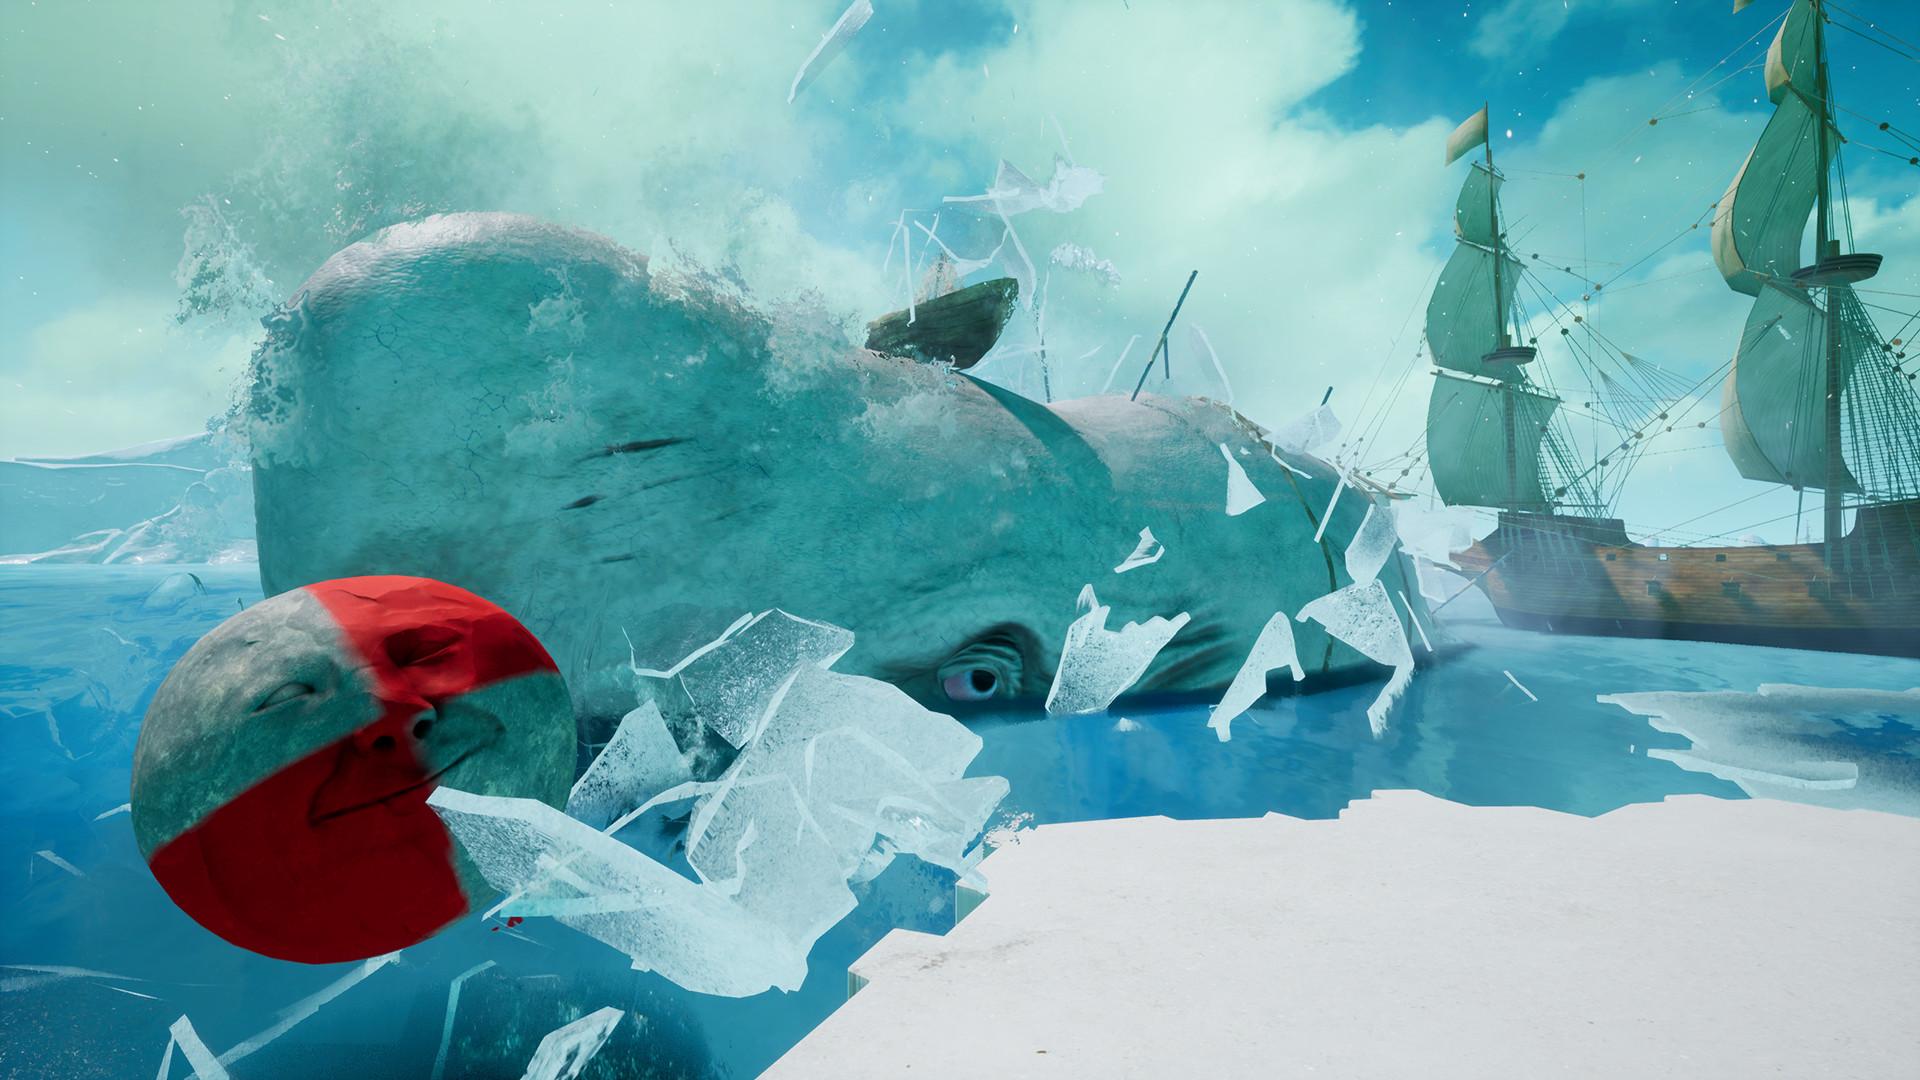 塔防新作《世纪之石3》上架Steam 游戏将于明年发售